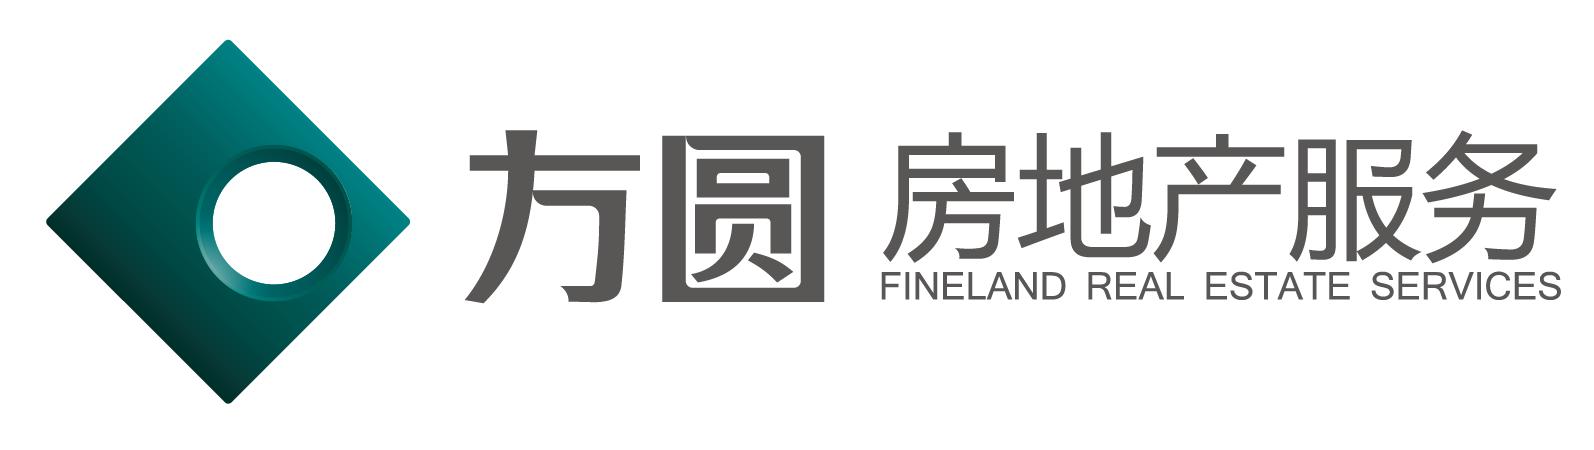 广州方圆地产顾问有限公司